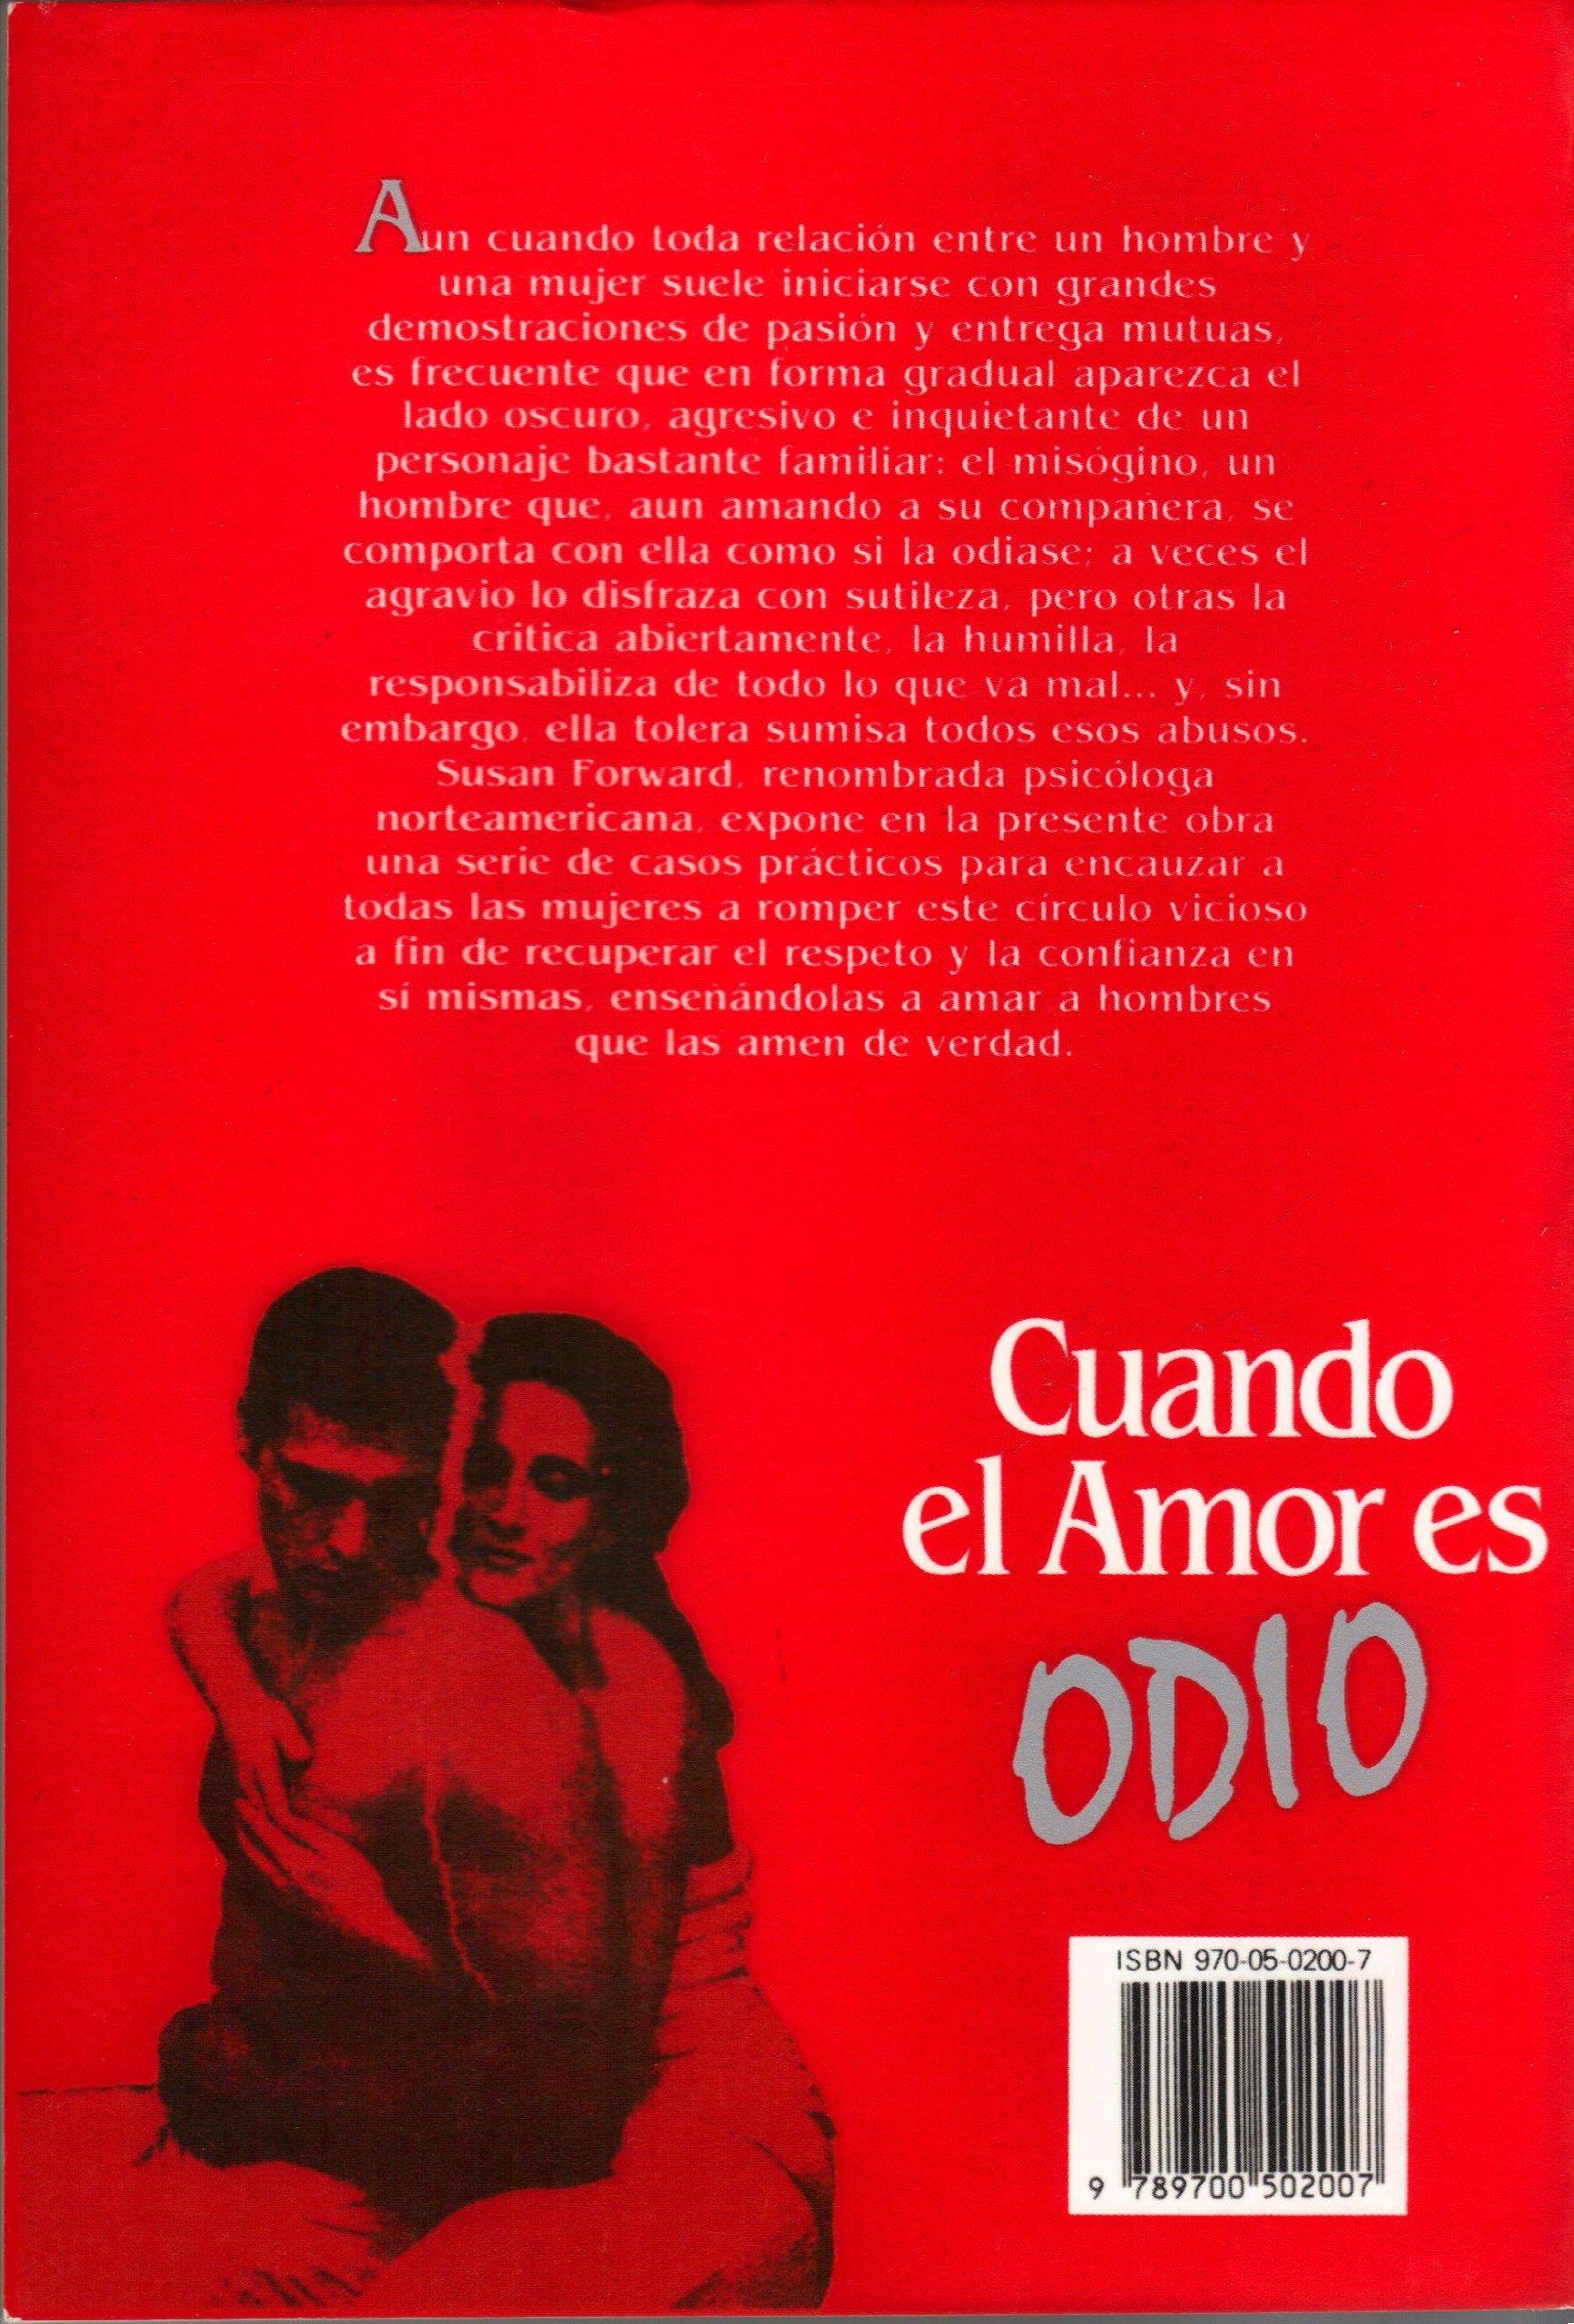 Cuando el amor es odio: Amazon.es: Forwards, Susan: Libros